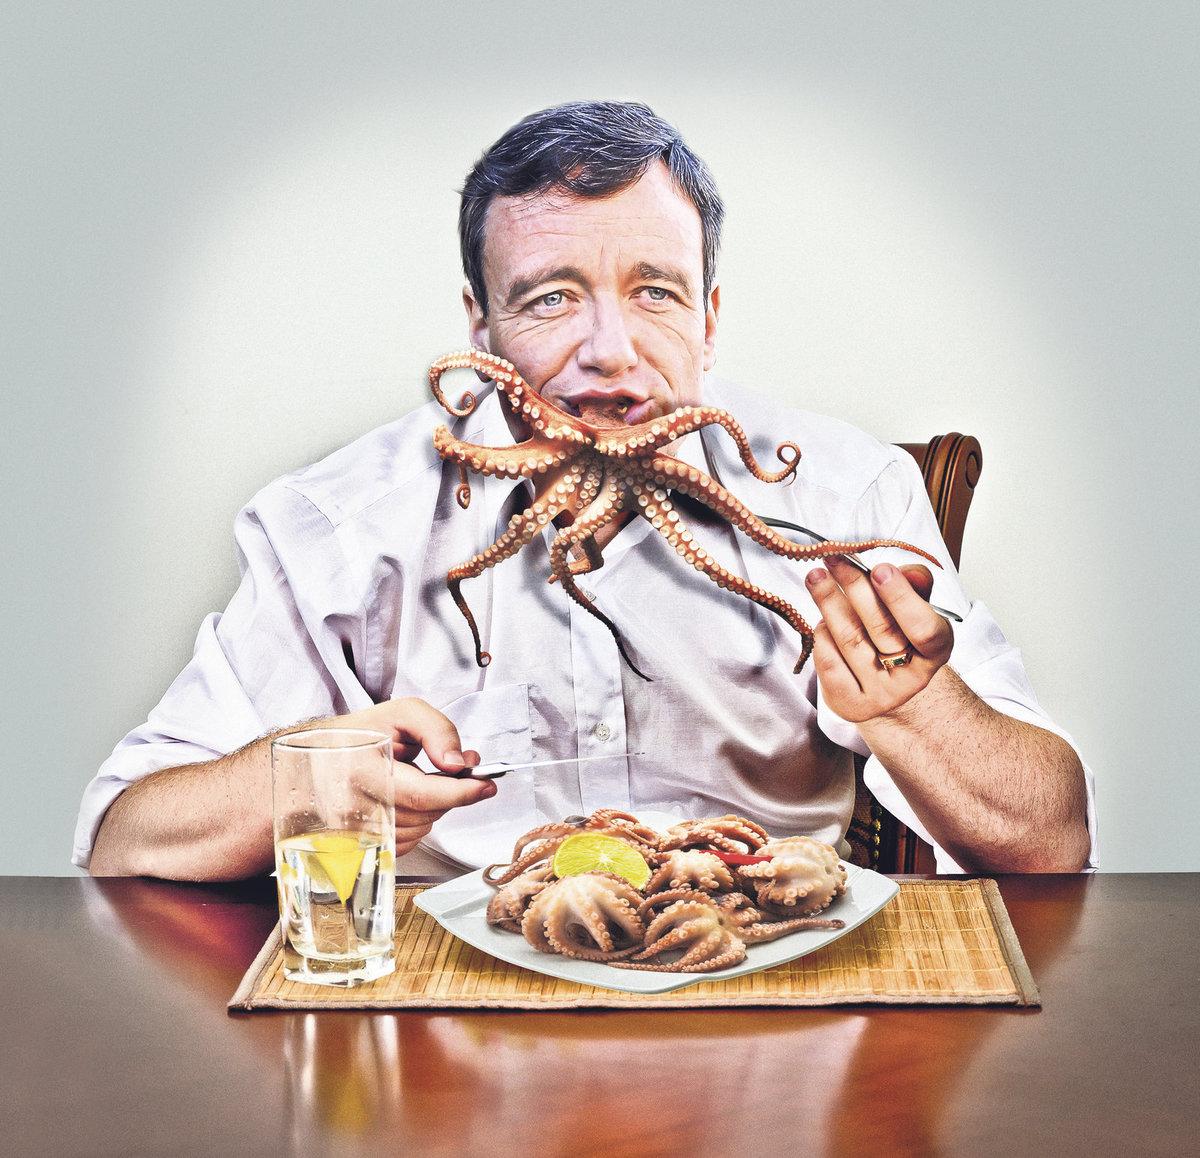 Já a šéfovat korupční chobotnici? To zase někdo blbě přepsal odposlechy. Já chobotnici jím!